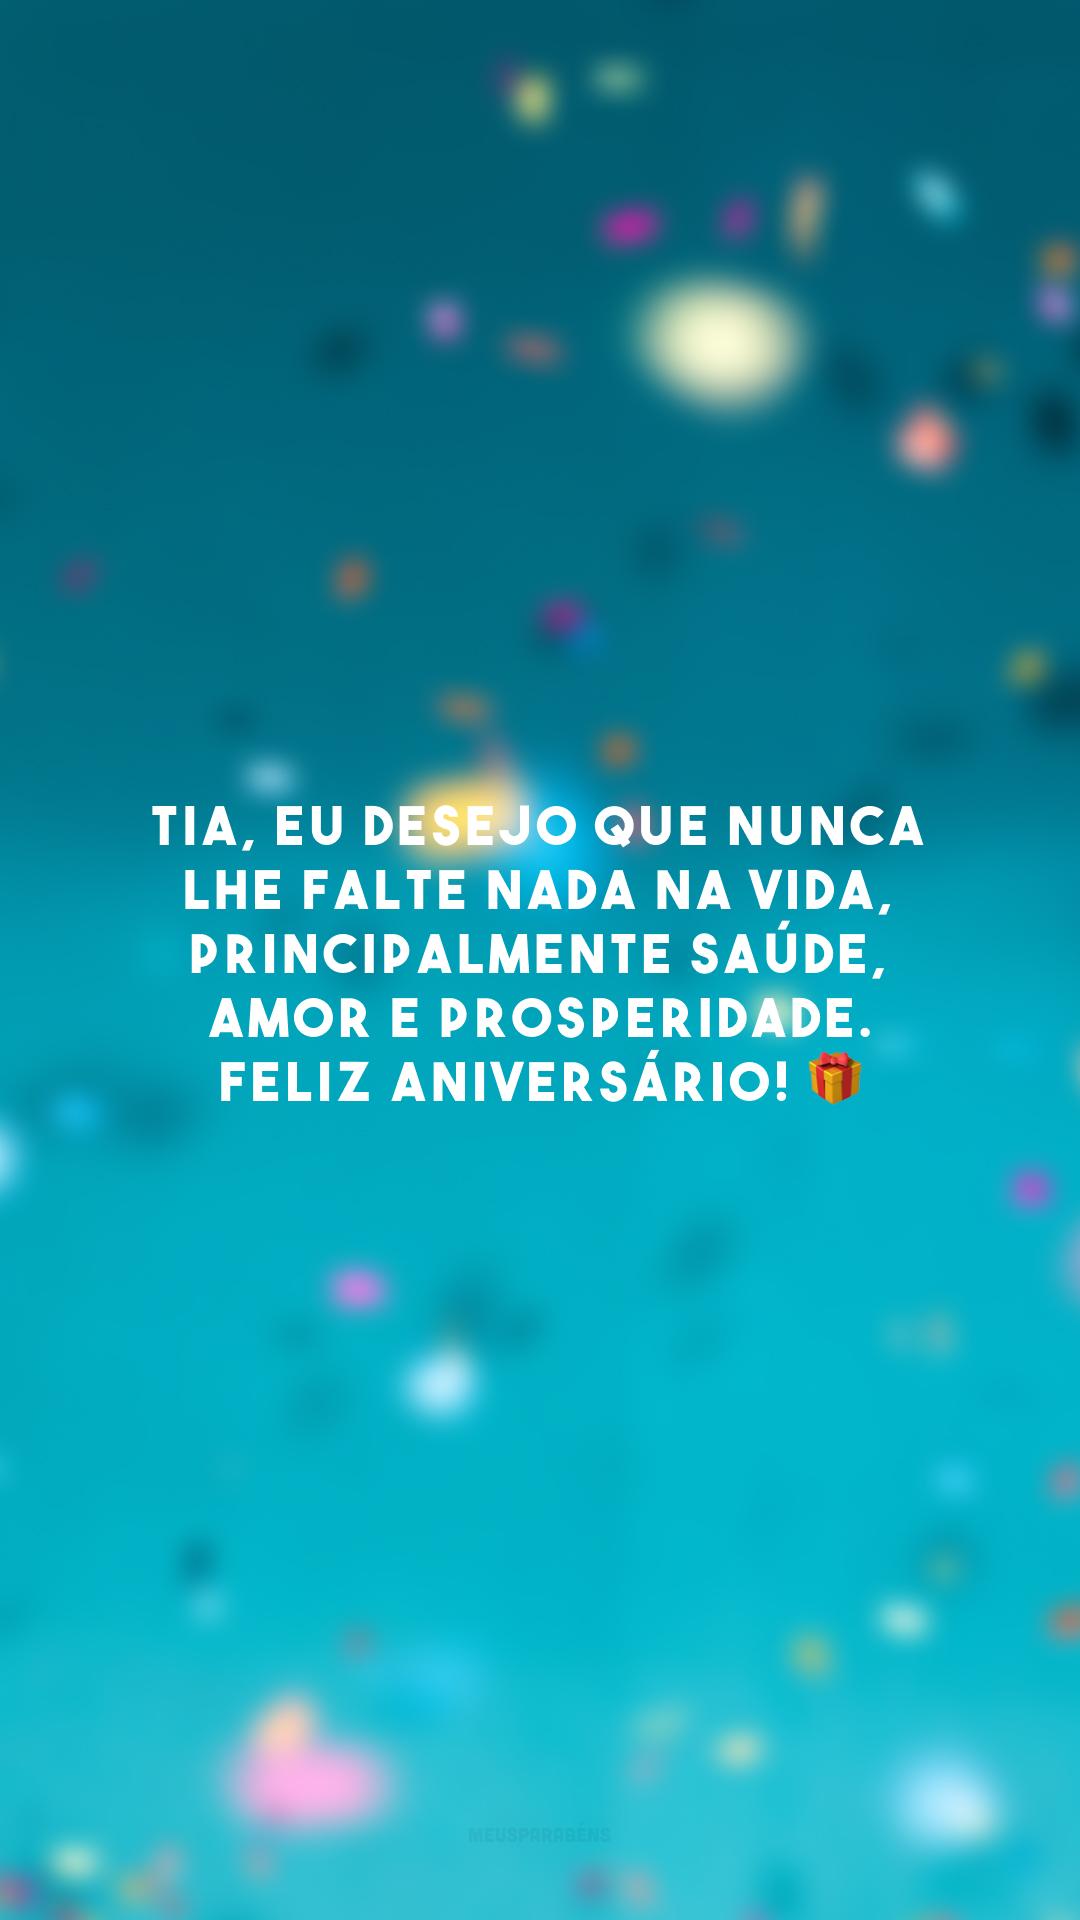 Tia, eu desejo que nunca lhe falte nada na vida, principalmente saúde, amor e prosperidade. Feliz aniversário! 🎁